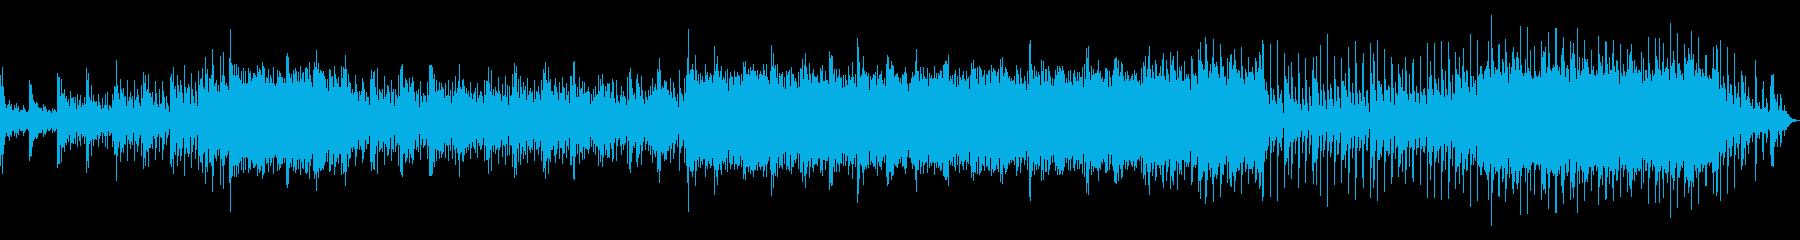 高音質♪電子系BGMサイズ音圧タイプありの再生済みの波形